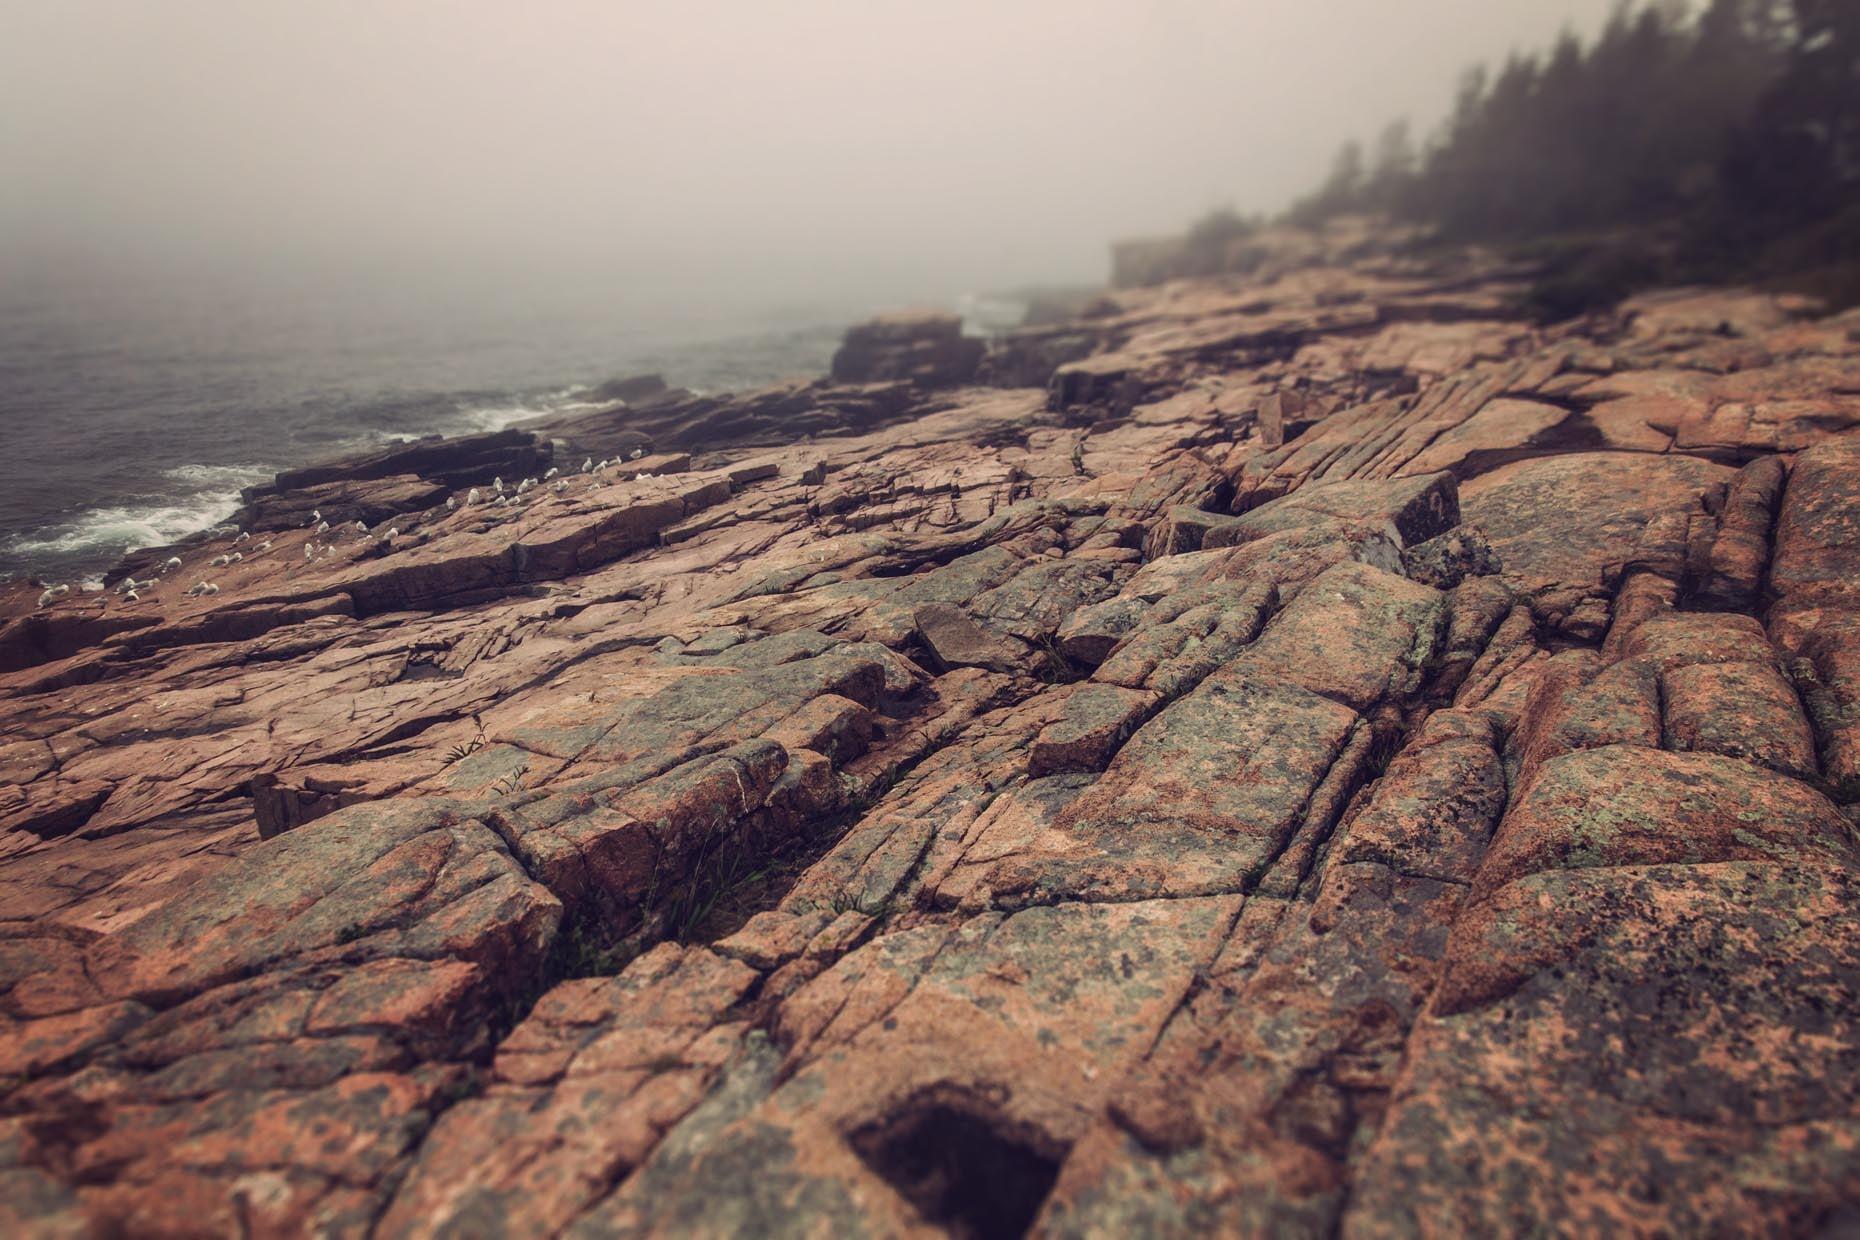 AcadiaFoggyCliffs_03.2-TS.jpg